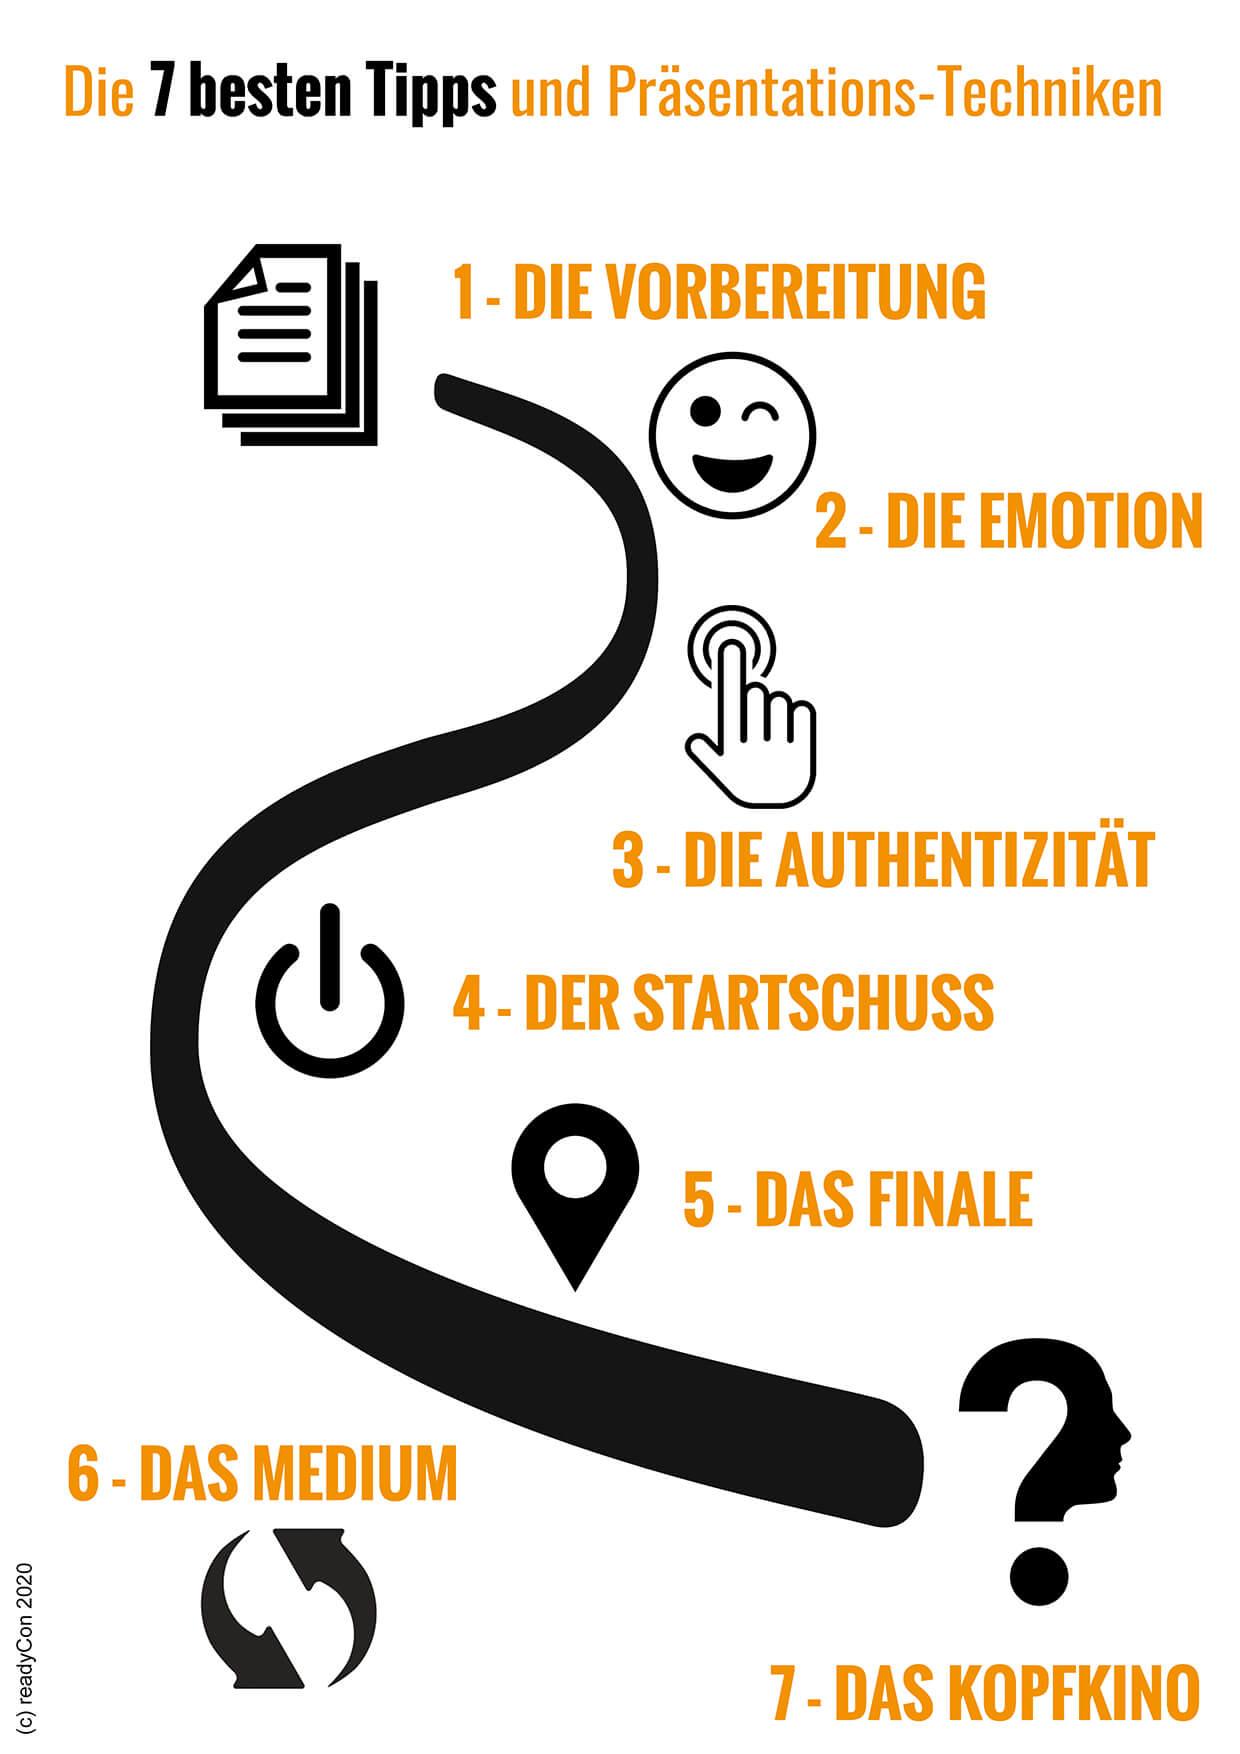 Infografik - Die 7 besten Tipps und Präsentations-Techniken